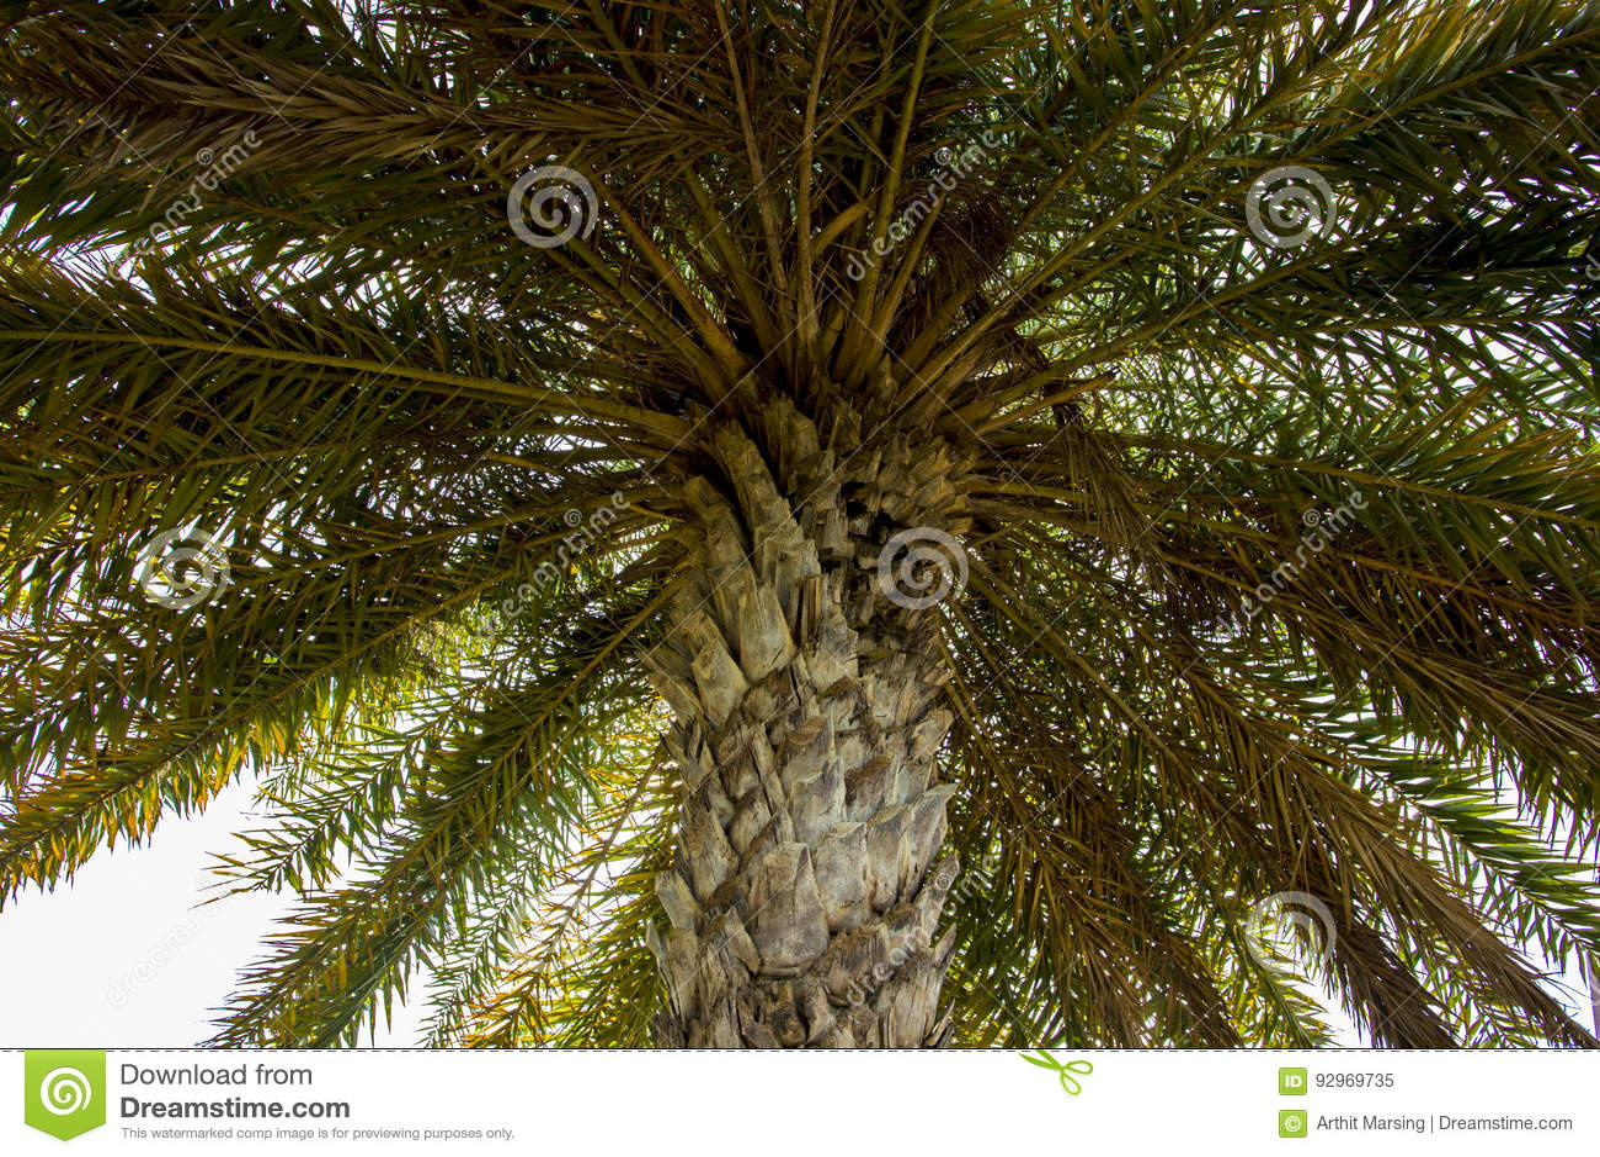 Ja i drzewko palmowe opuszczamy pod drzewem i patrzejemy do podczas gdy pobyt wierzchołka i liści